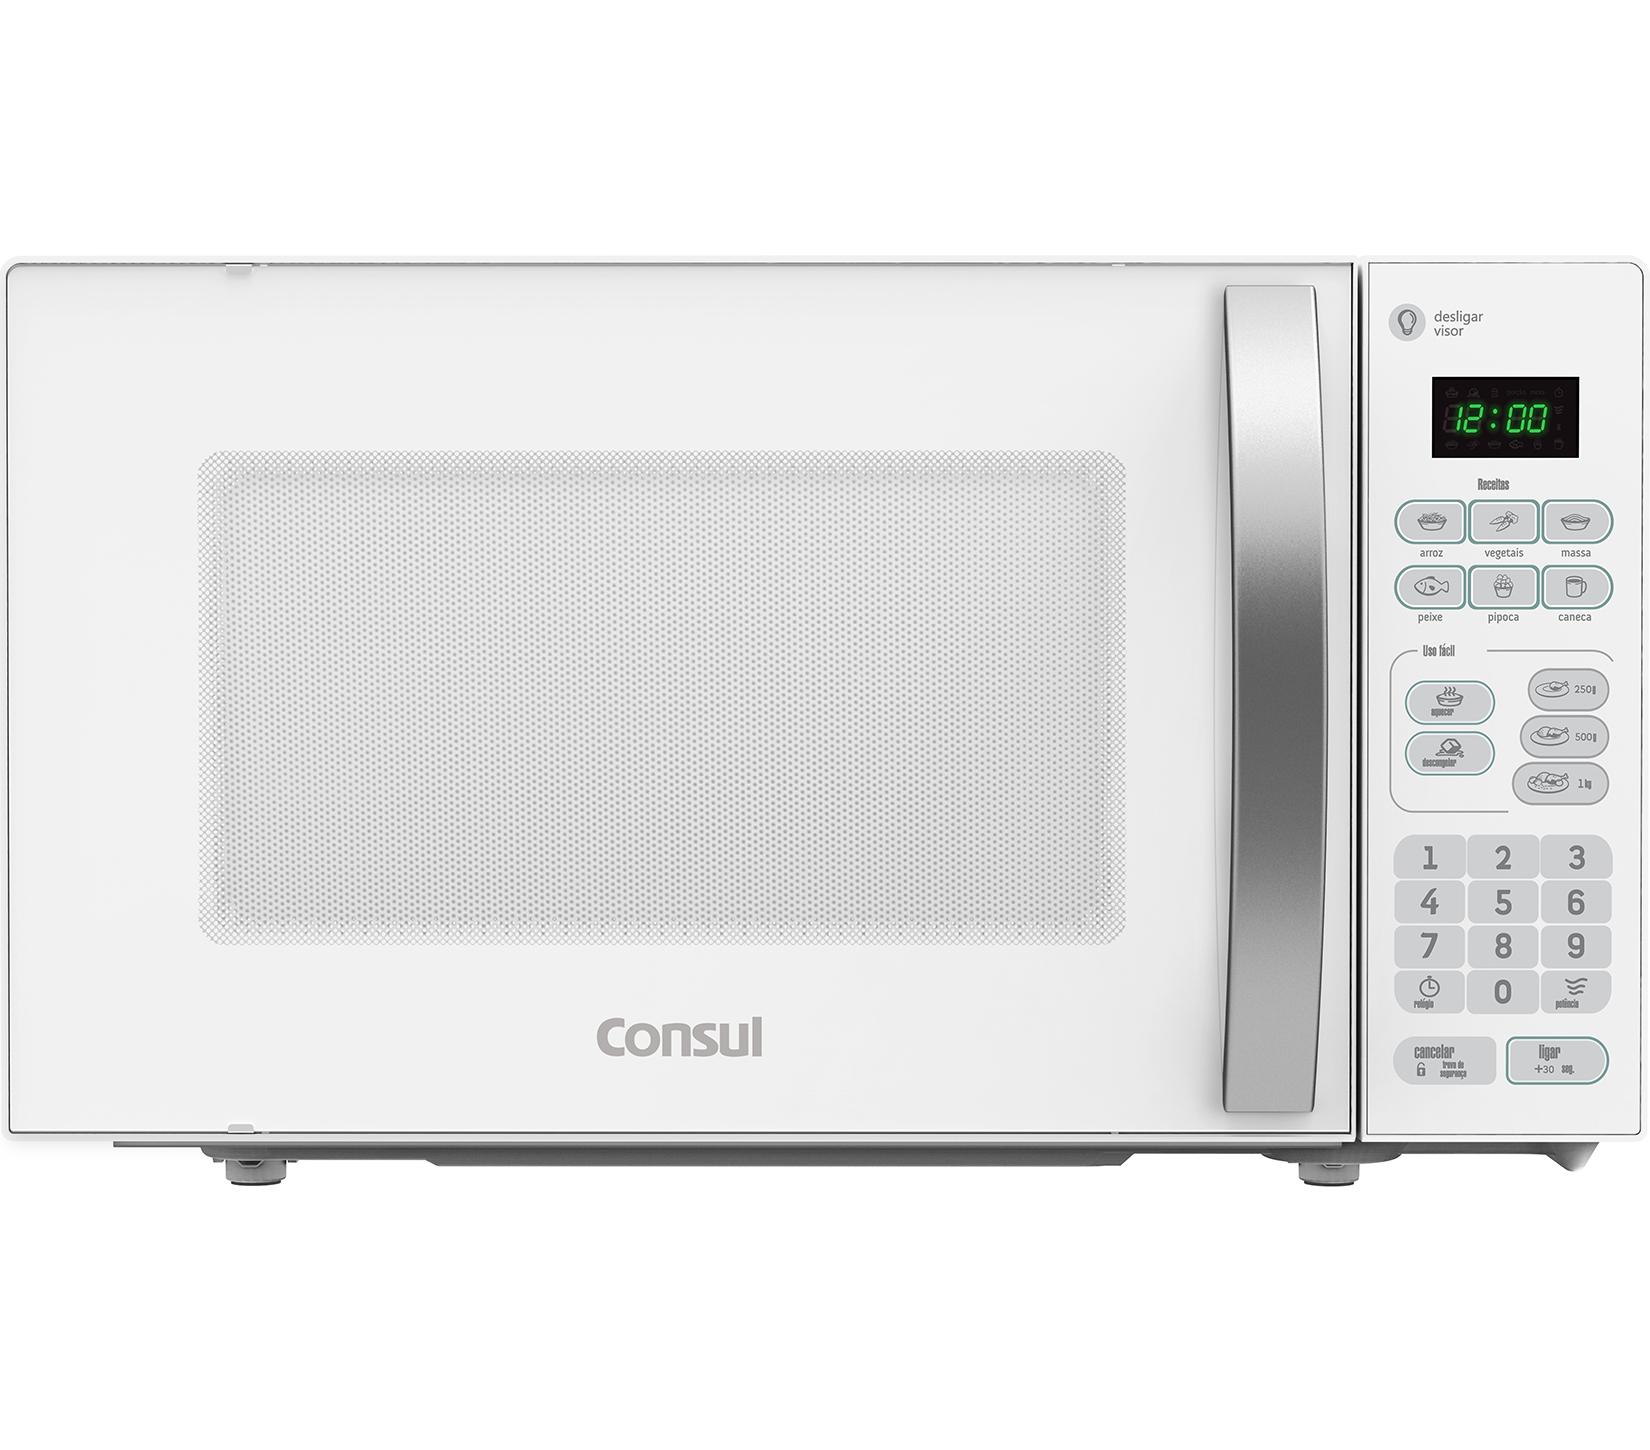 Micro-ondas Consul CMA20BBBNA Branco 220V - 20L Painel Touch